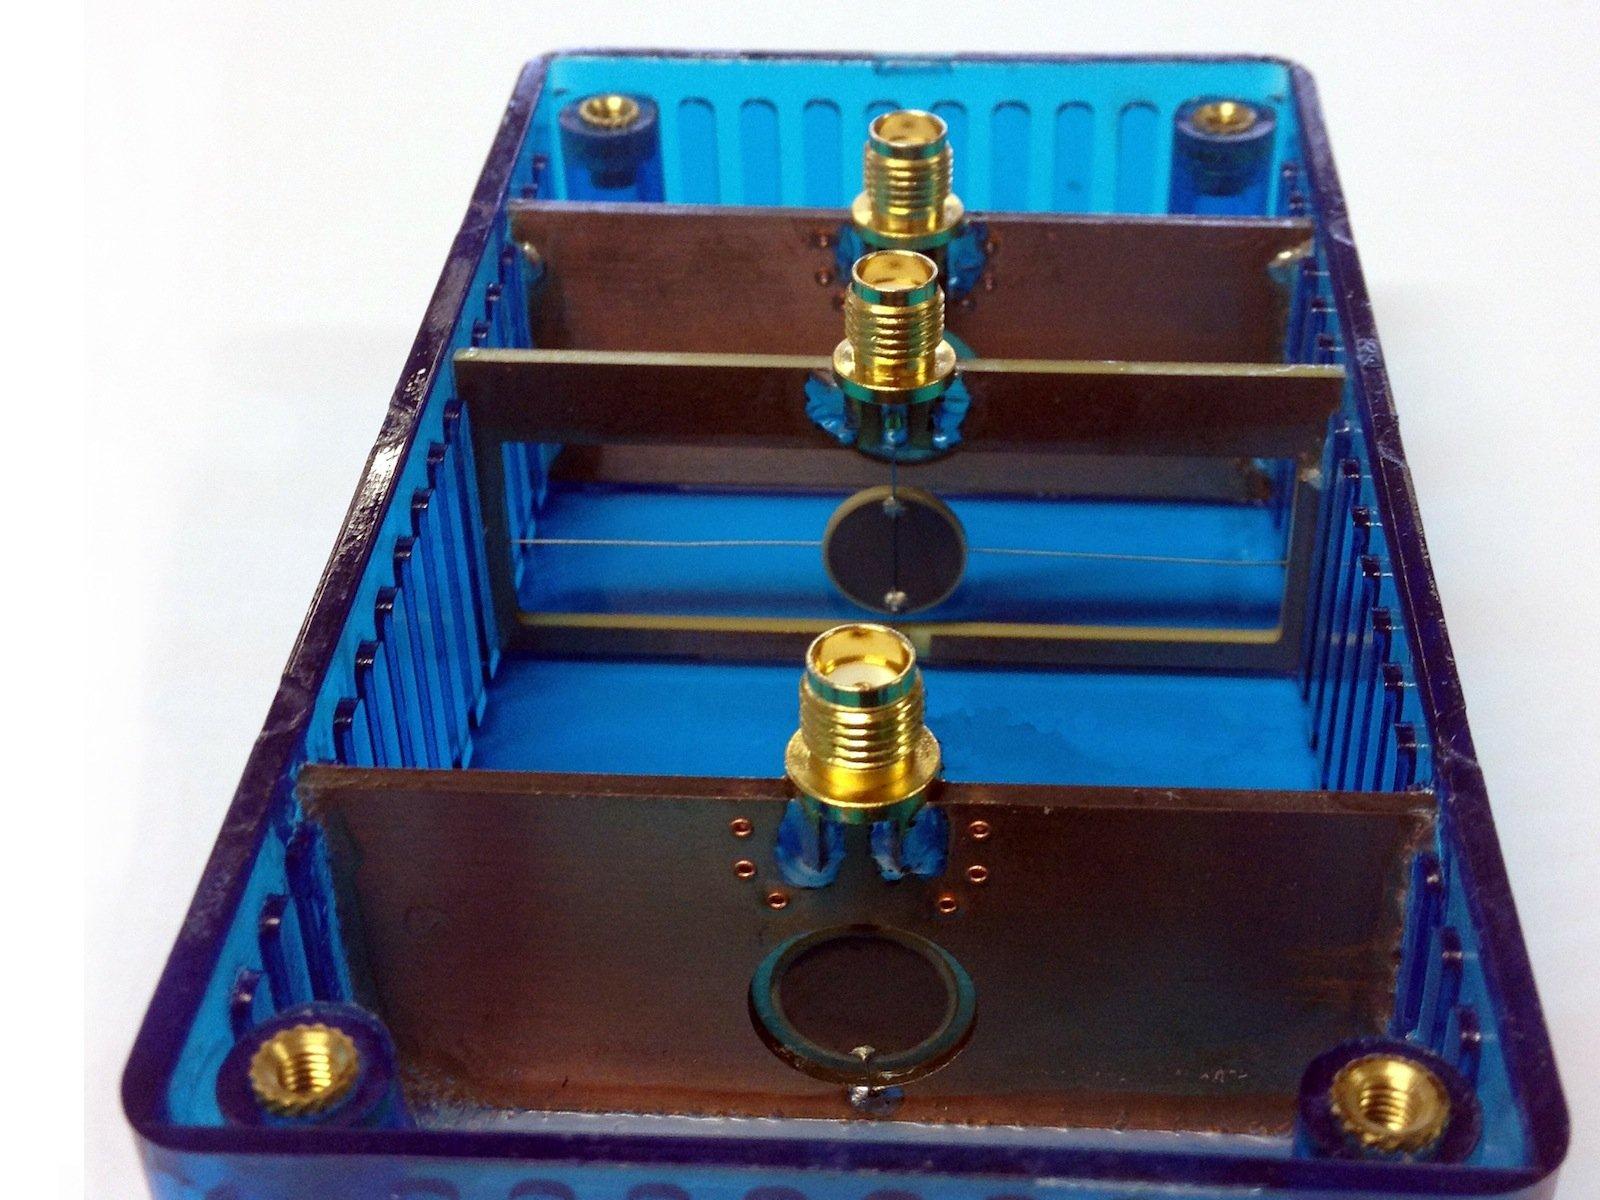 Ein Transmitter (Mitte) und zwei Receiver (oben und unten) messen die Druckwellenausbreitung in einer Flüssigkeitskammer und bestimmen so die Viskosität der Flüssigkeit.